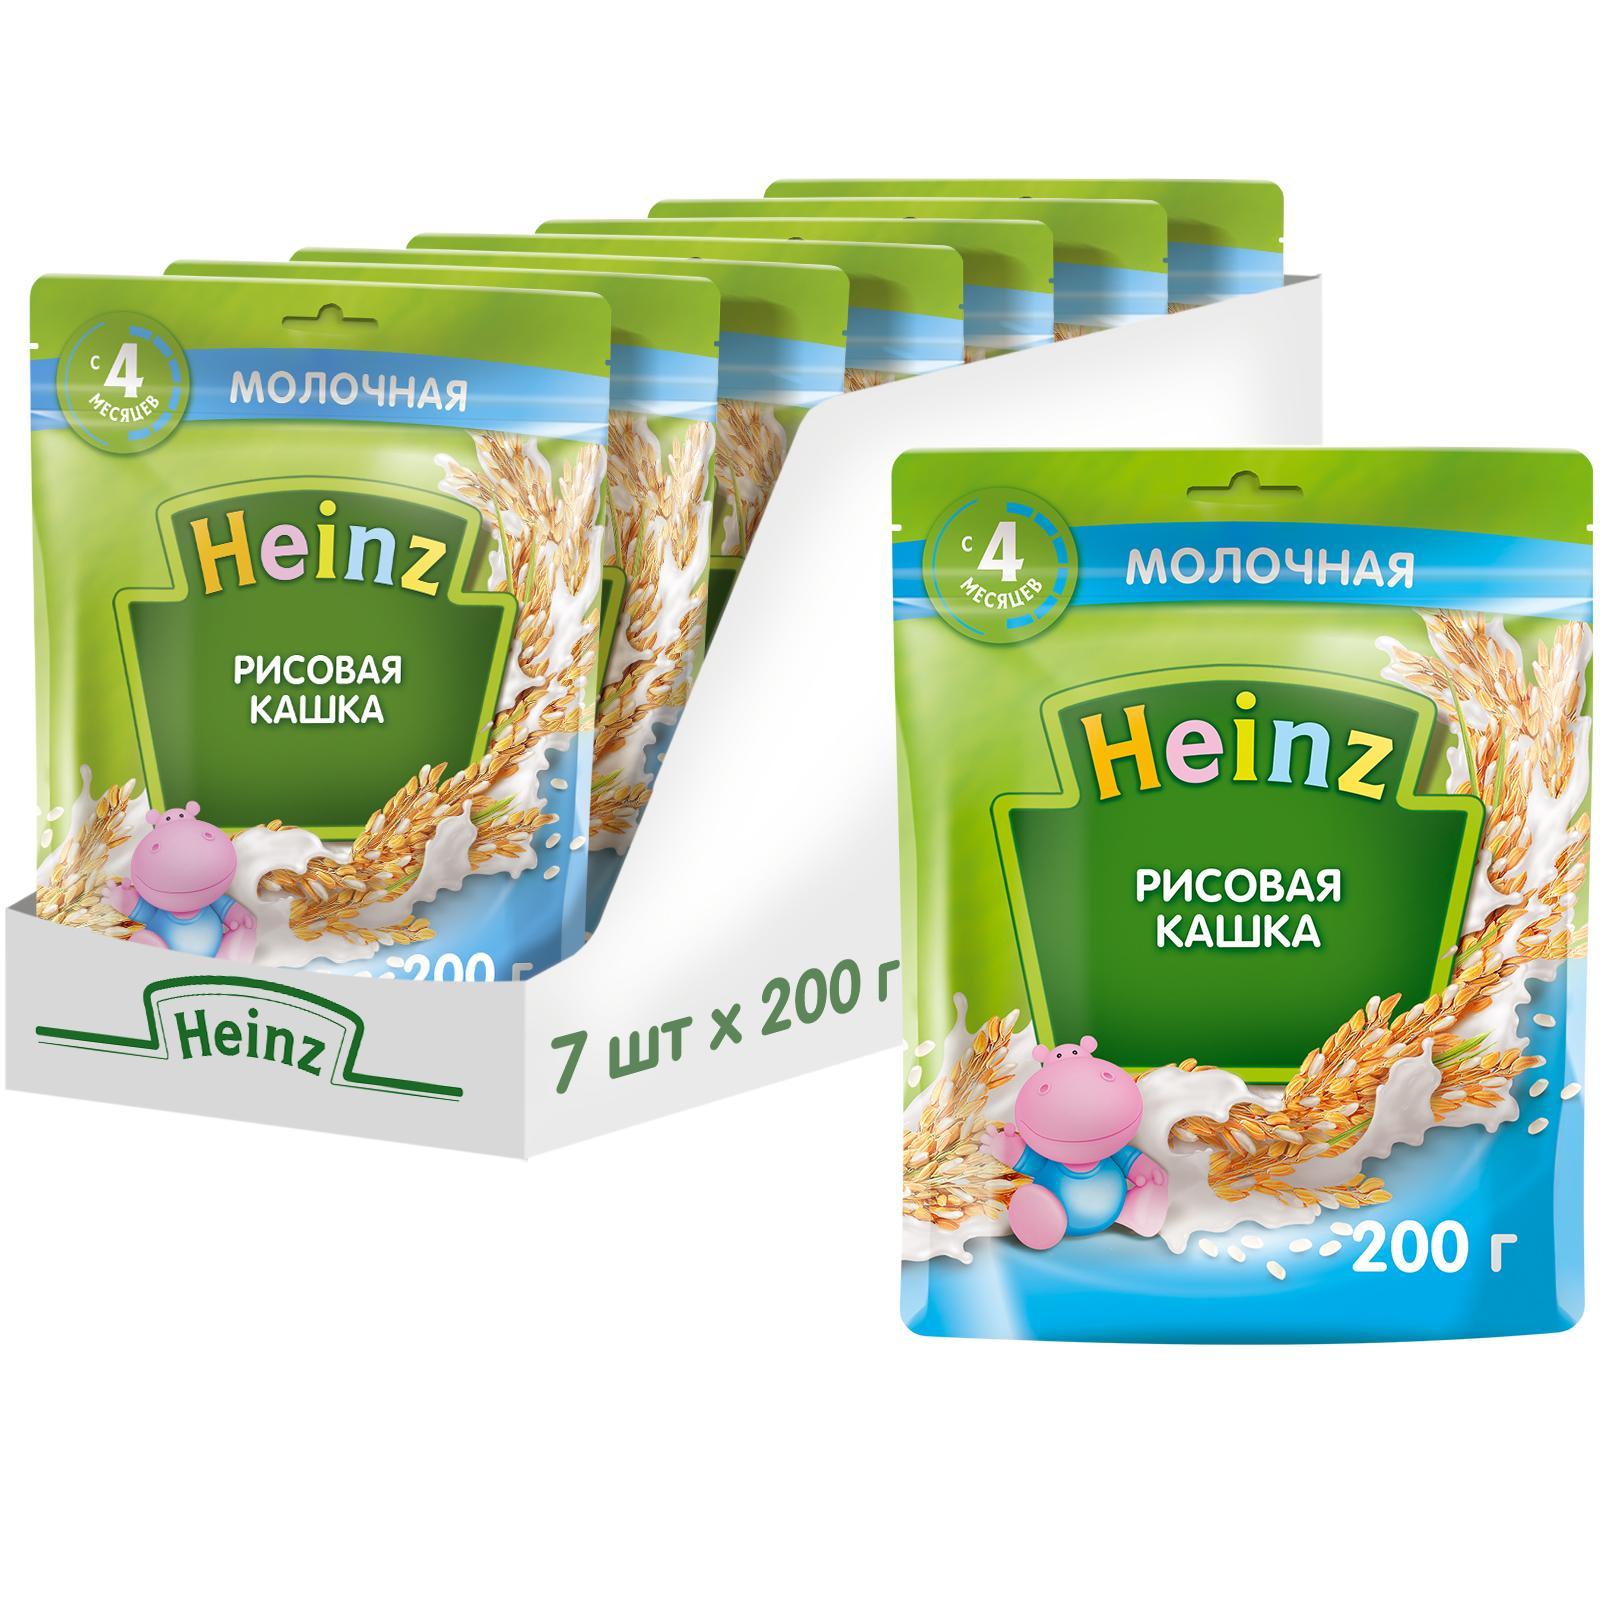 Купить Каша молочная Heinz Рисовая с омега 3 с 4 мес. 200 г, 7 шт.,